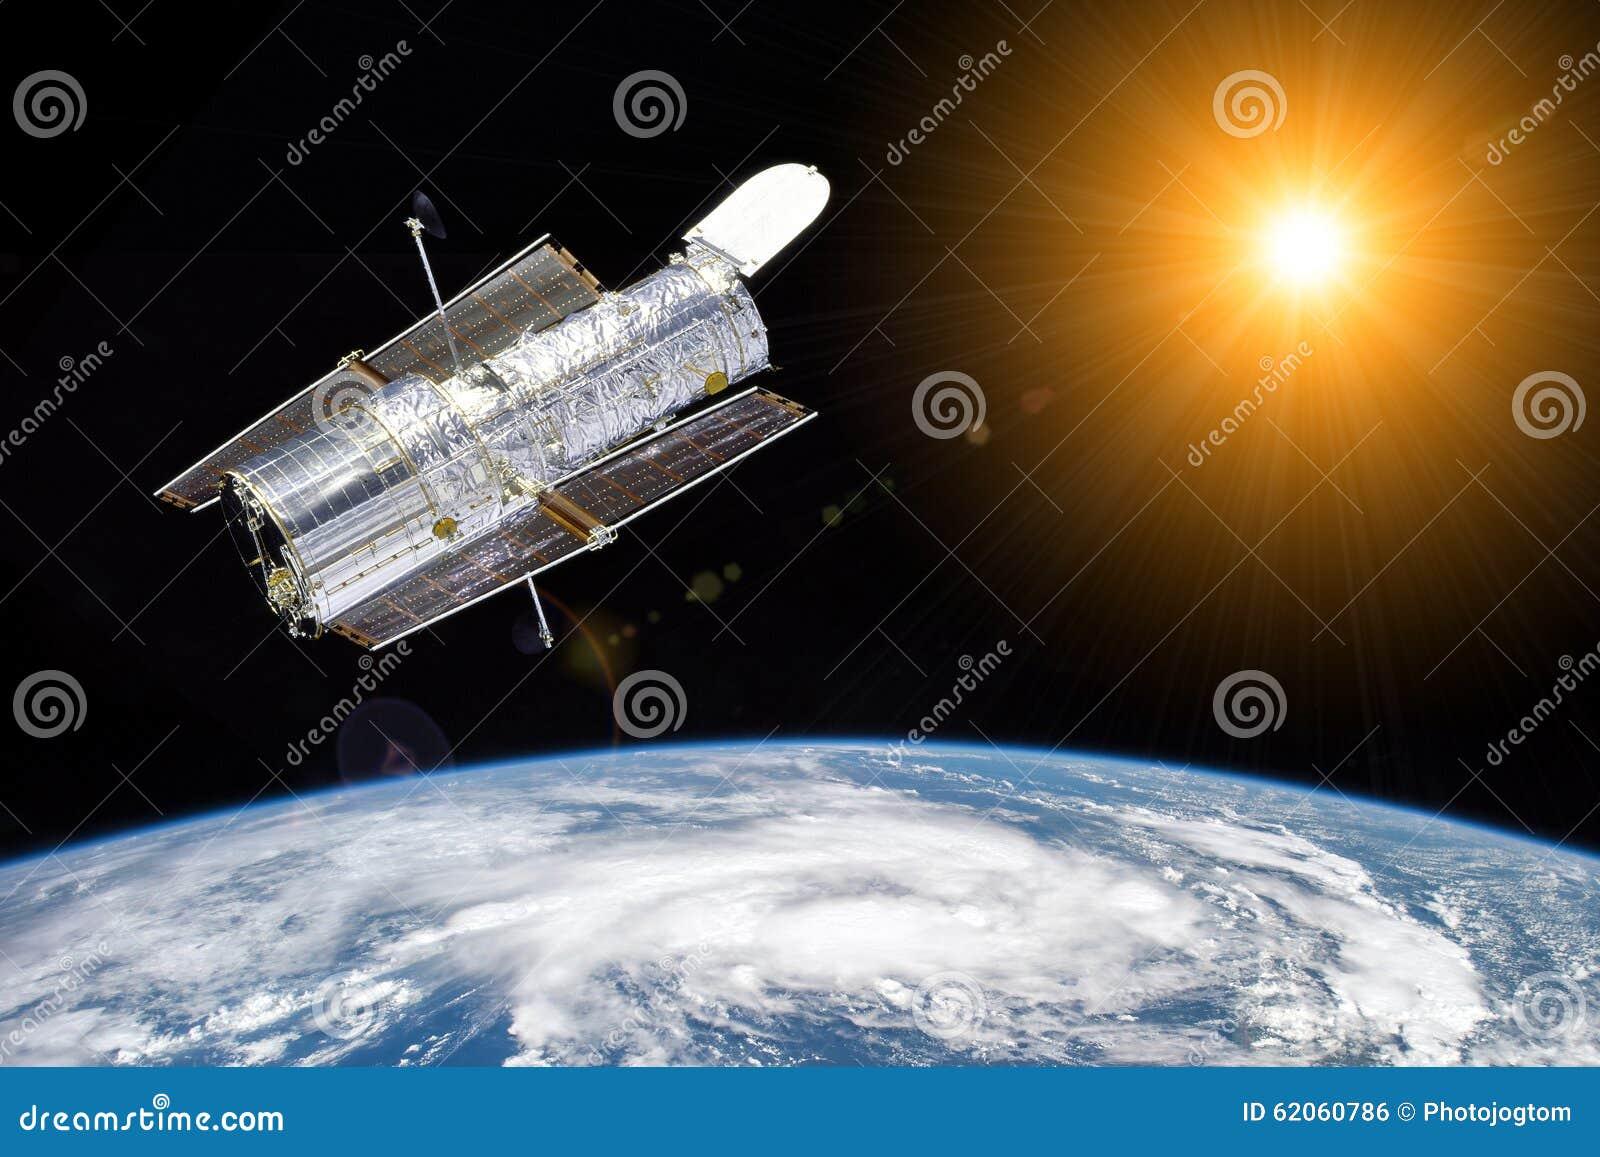 Hubble teleskop elemente dieses bildes geliefert von der nasa